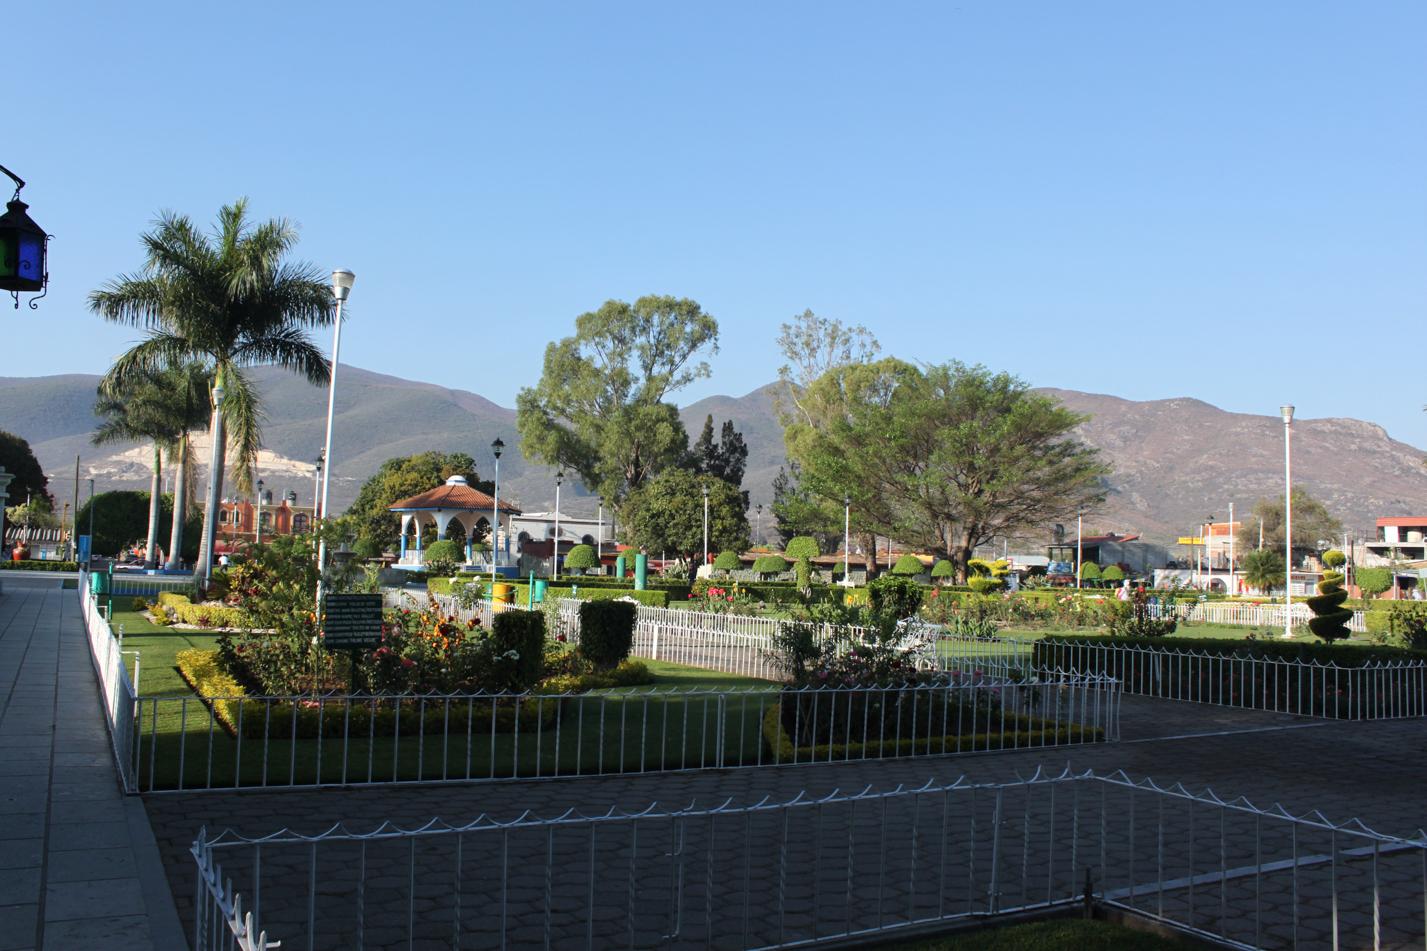 Selbst in kleineren Ortschaften sind diese prachtvollen Gartenanlagen zu finden